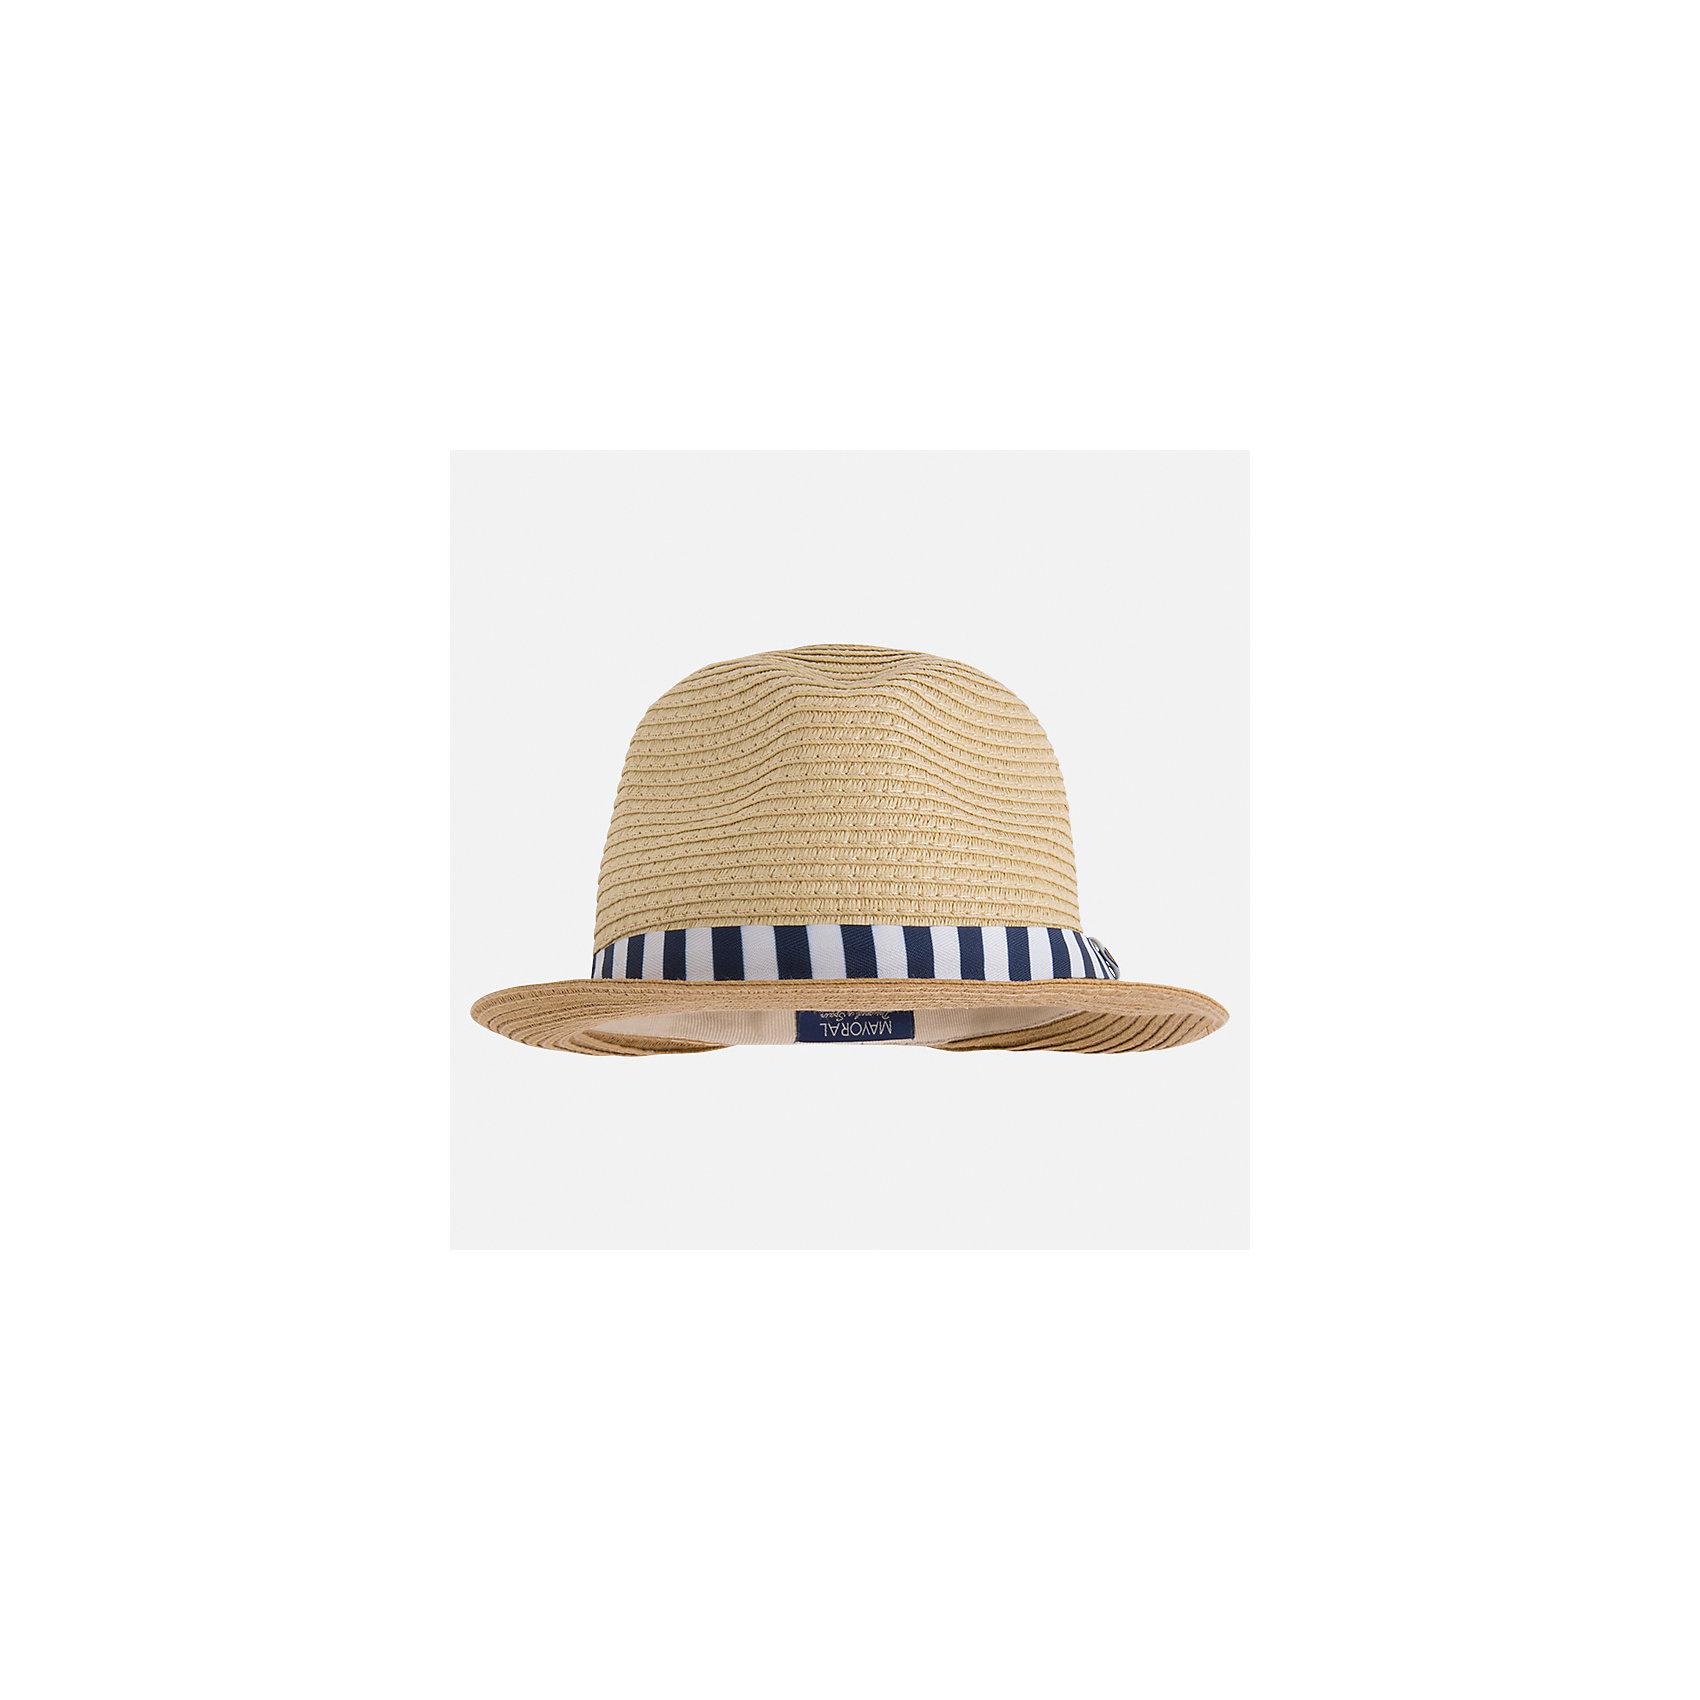 Шляпа для мальчика MayoralГоловные уборы<br>Характеристики товара:<br><br>• цвет: бежевый<br>• состав: 100% бумага<br>• комфортная посадка<br>• дышащая фактура<br>• декорирована лентой<br>• страна бренда: Испания<br><br>Красивая легкая шляпа для мальчика поможет обеспечить ребенку защиту от солнца и дополнить наряд. Универсальный цвет позволяет надевать её под наряды различных расцветок. Шляпа удобно сидит и красиво смотрится. Отличное дополнение к летней одежде!<br><br>Одежда, обувь и аксессуары от испанского бренда Mayoral полюбились детям и взрослым по всему миру. Модели этой марки - стильные и удобные. Для их производства используются только безопасные, качественные материалы и фурнитура. Порадуйте ребенка модными и красивыми вещами от Mayoral! <br><br>Шляпу для мальчика от испанского бренда Mayoral (Майорал) можно купить в нашем интернет-магазине.<br><br>Ширина мм: 89<br>Глубина мм: 117<br>Высота мм: 44<br>Вес г: 155<br>Цвет: синий<br>Возраст от месяцев: 72<br>Возраст до месяцев: 84<br>Пол: Мужской<br>Возраст: Детский<br>Размер: 54,50,52<br>SKU: 5294474